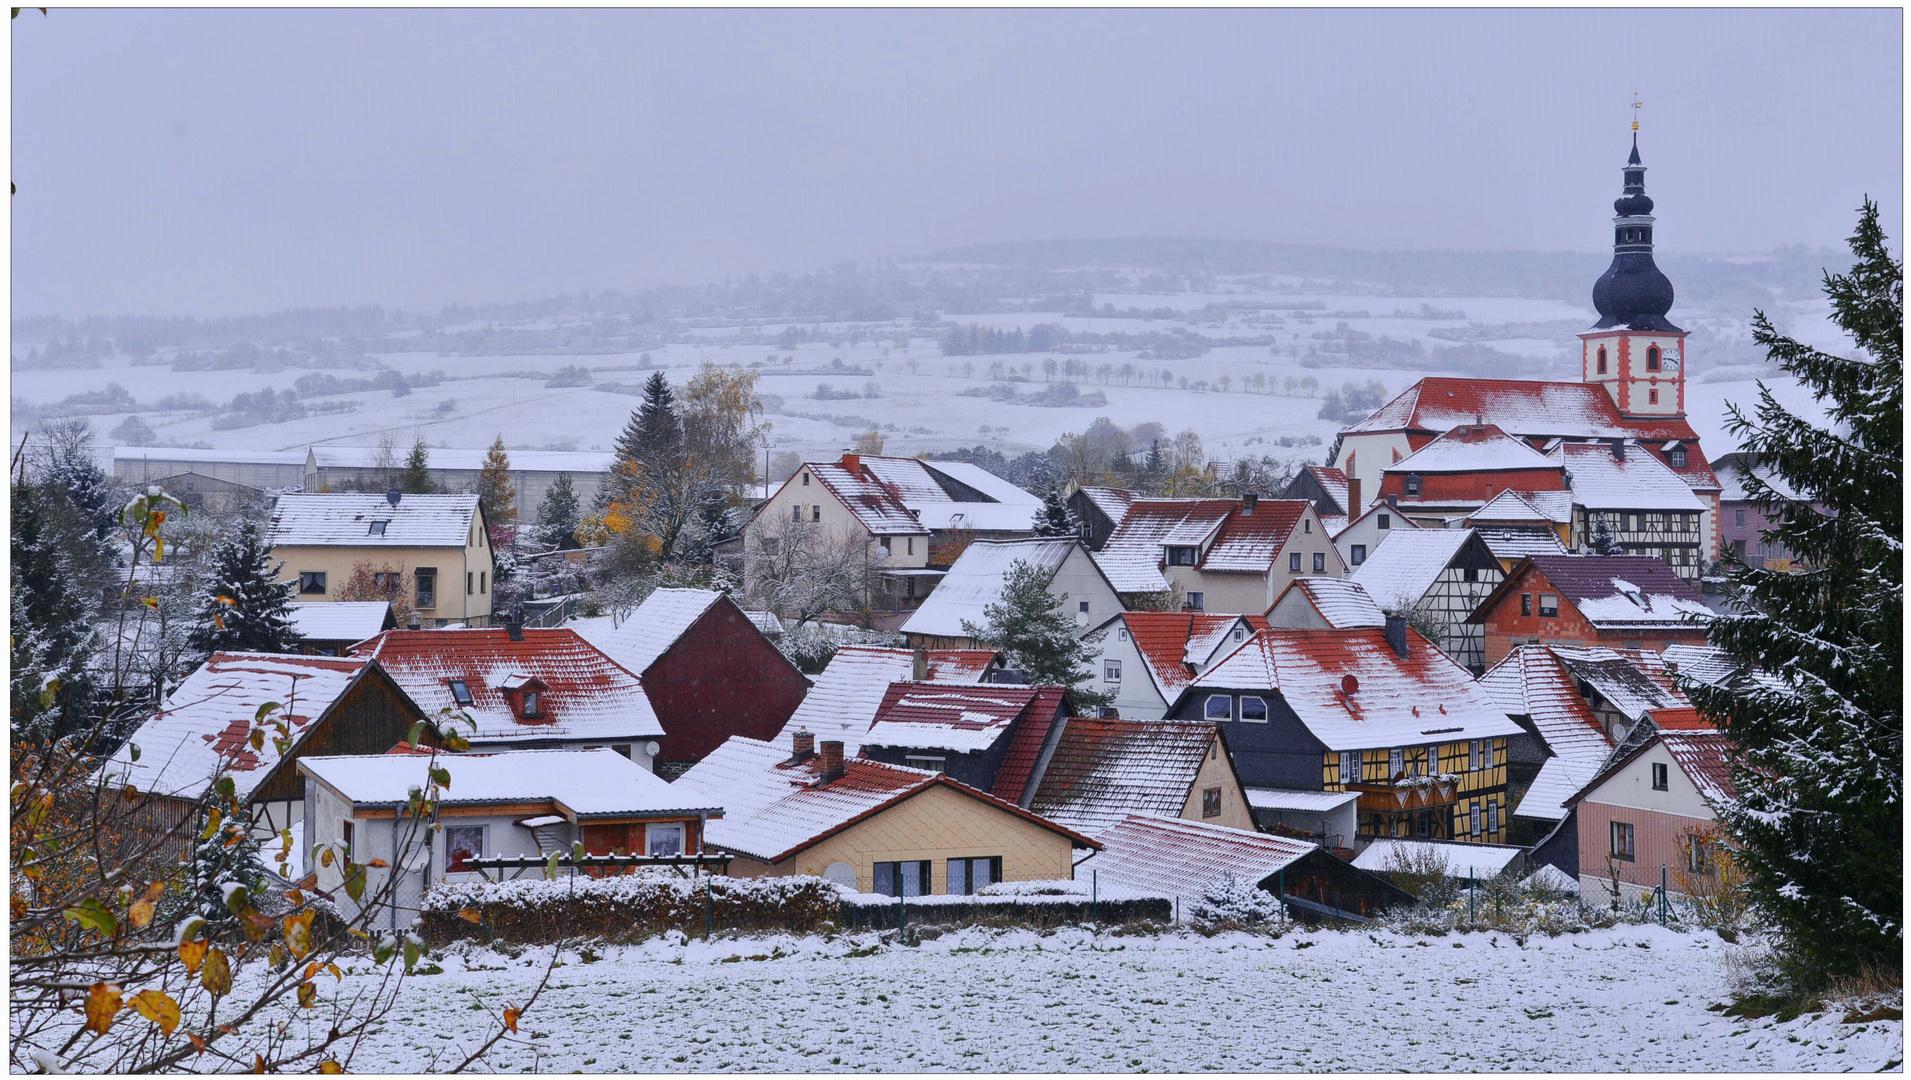 la primera nieve de este año (der erste Schnee in diesem Jahr)